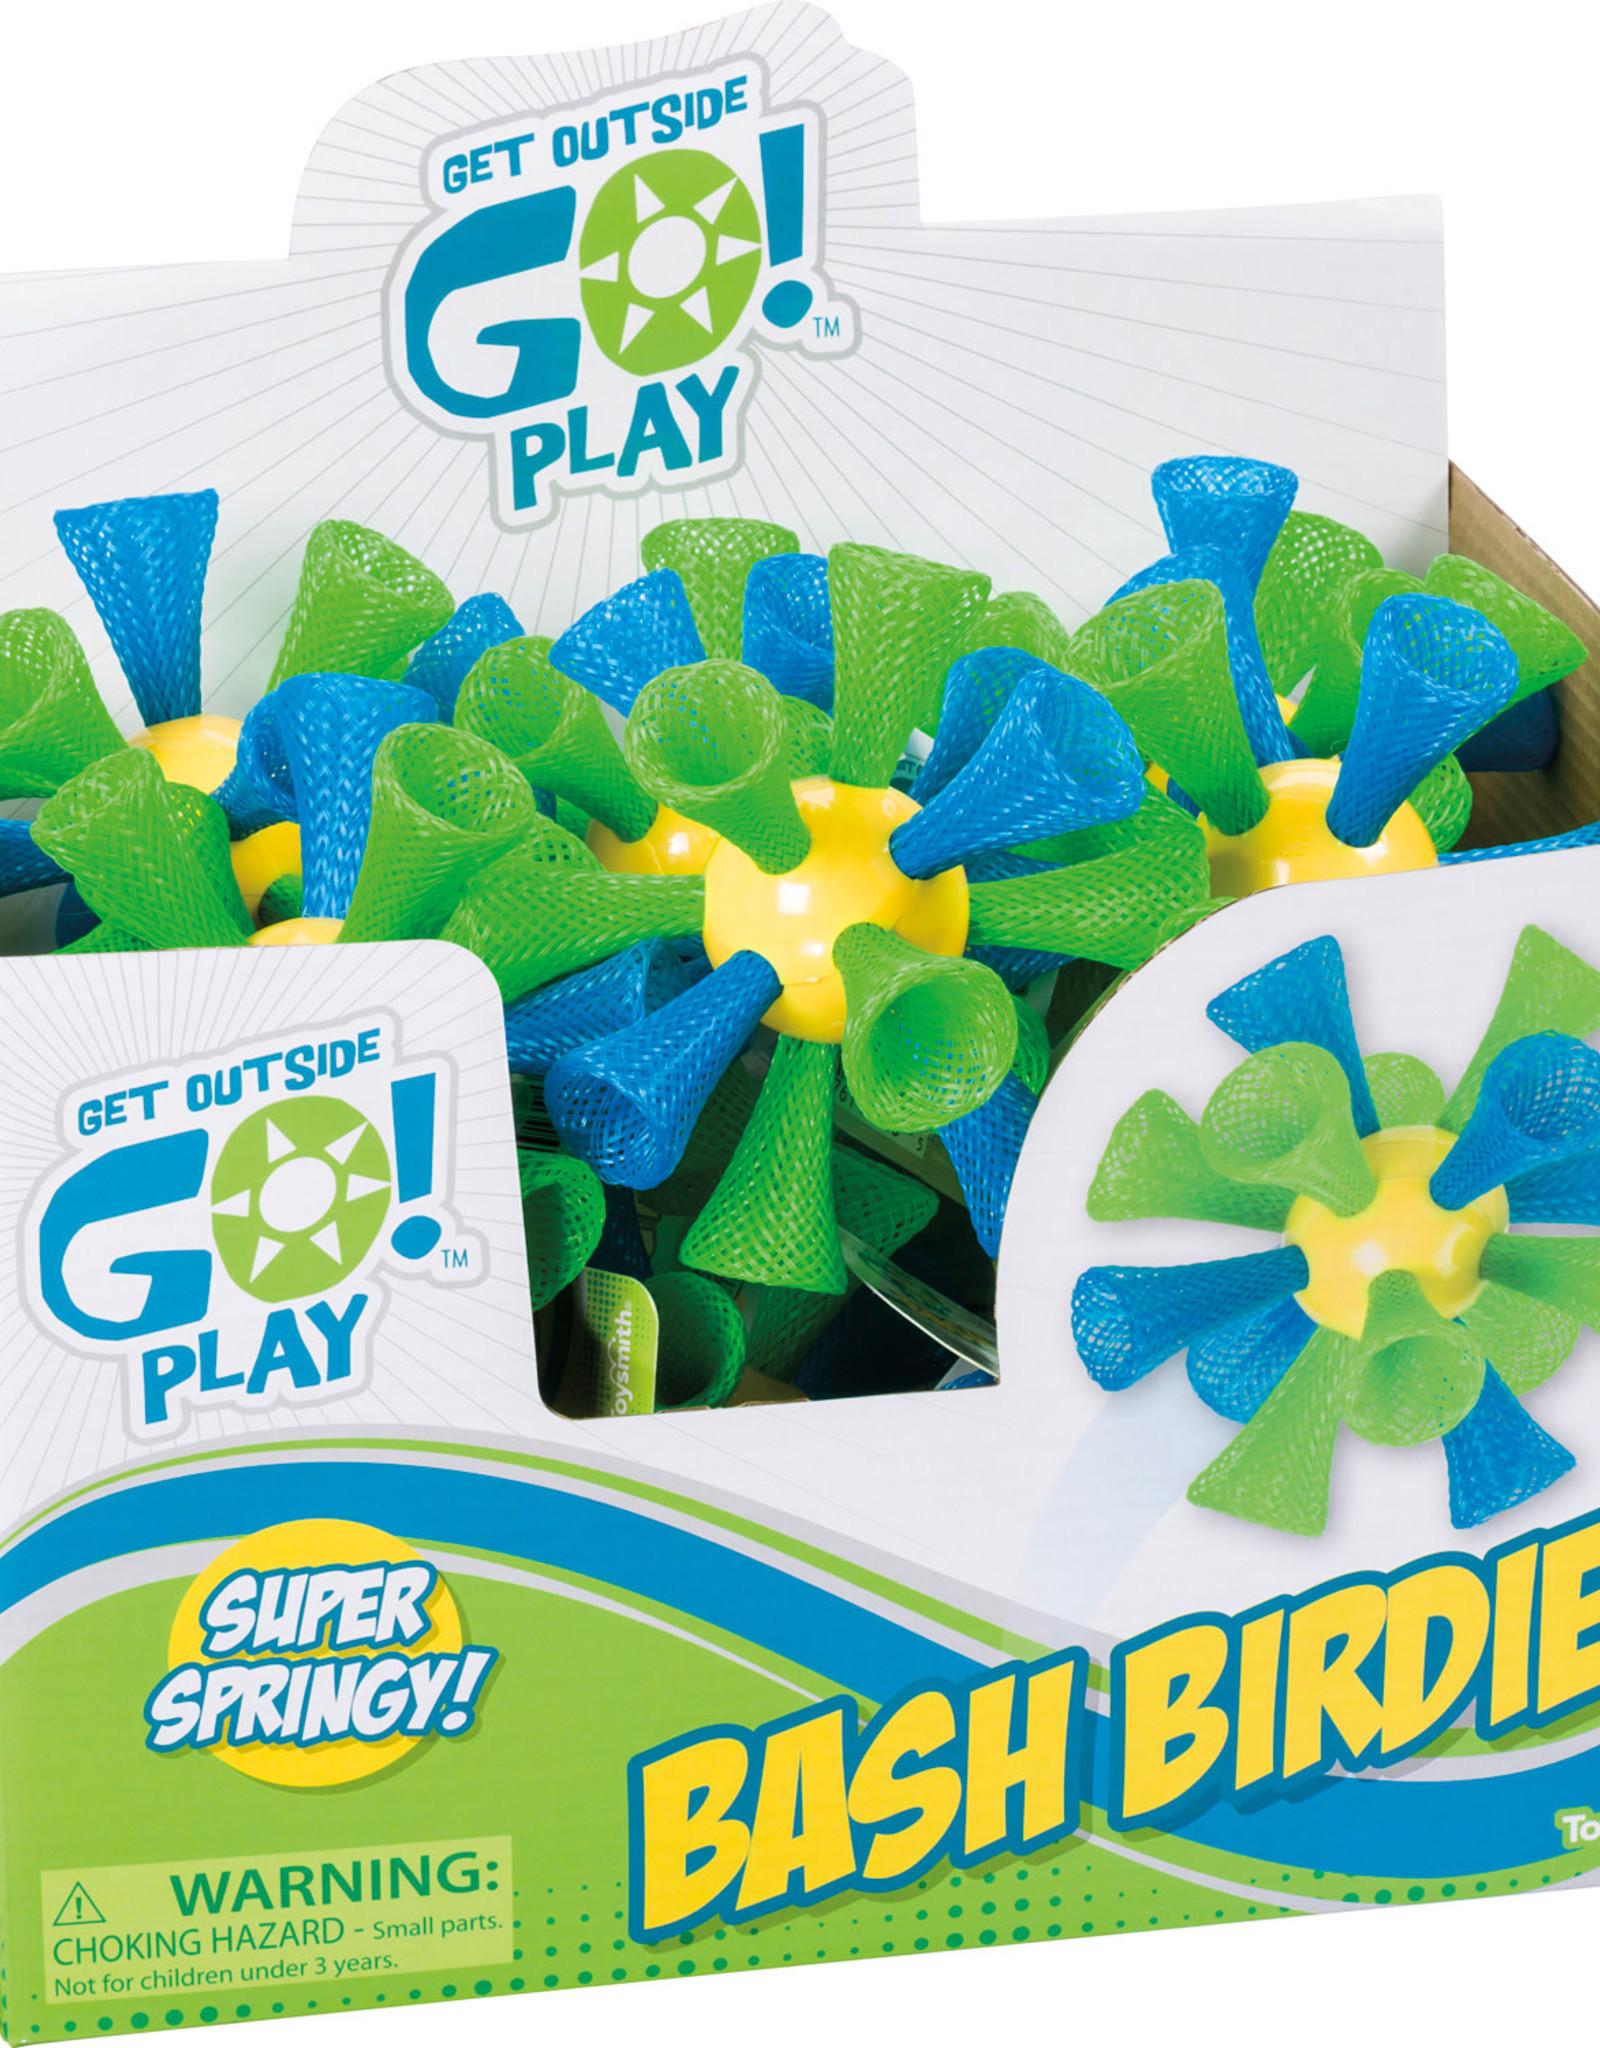 Toysmith Bash Birdie